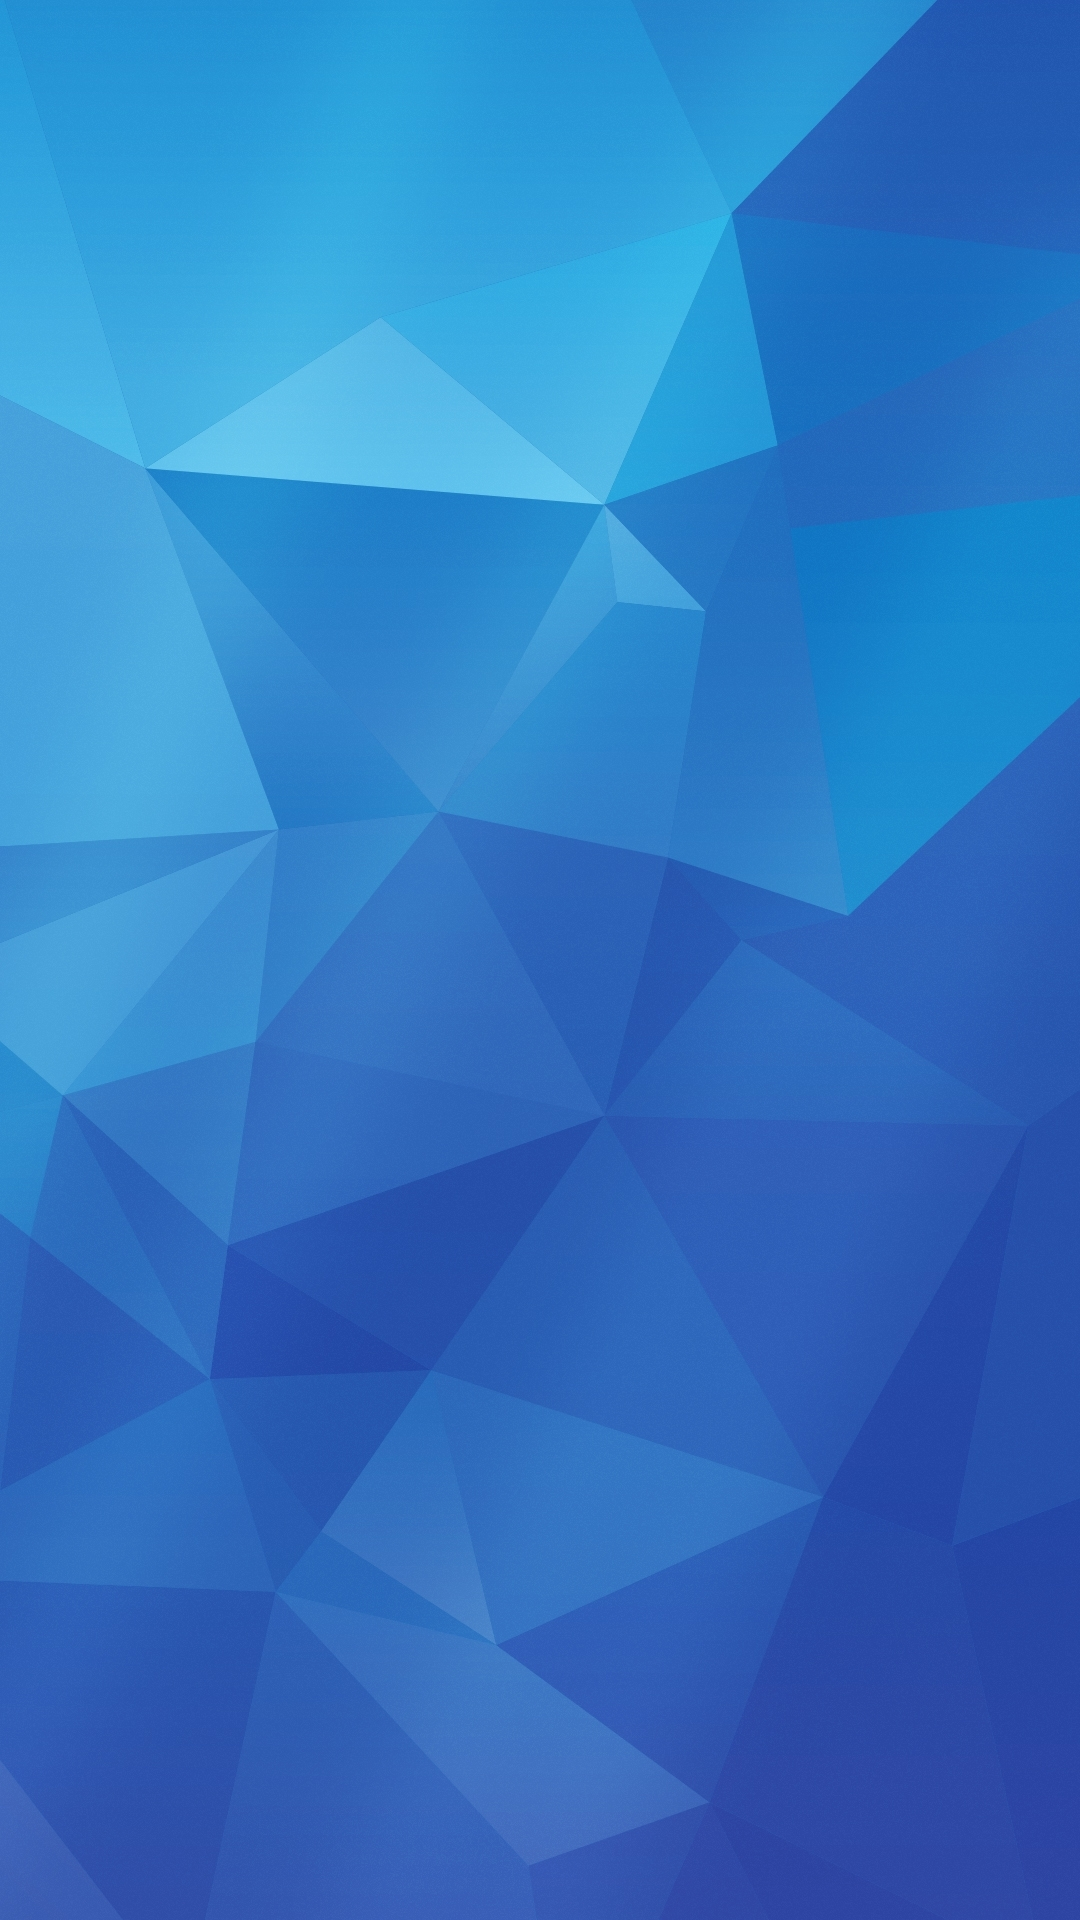 samsung galaxy s5 wallpaper | blue versionshimmi1 on deviantart